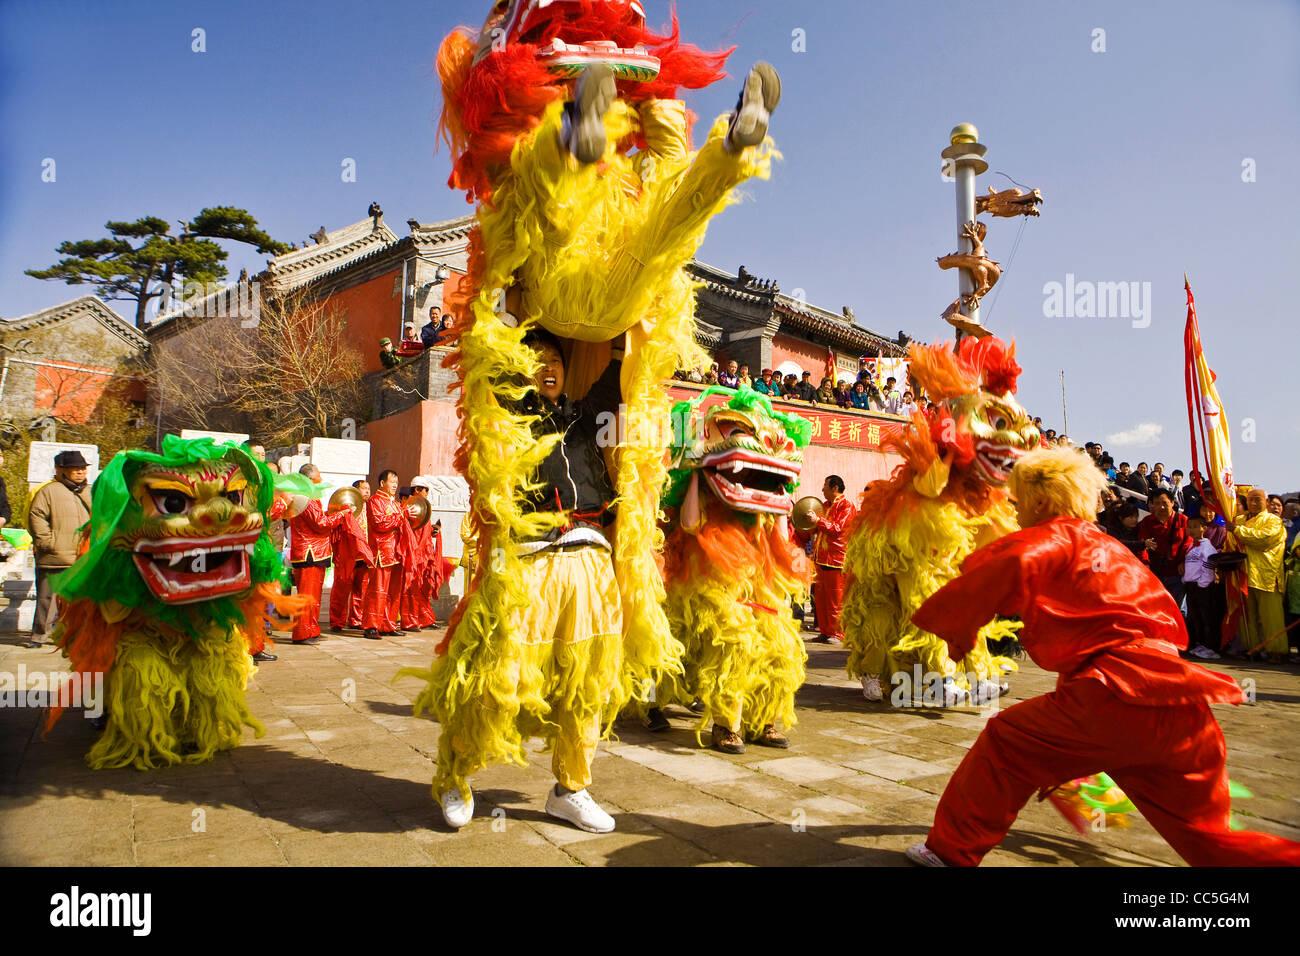 Las personas que llevan a cabo la danza del león durante la feria, Miaofeng templo Montaña, Beijing, China Imagen De Stock